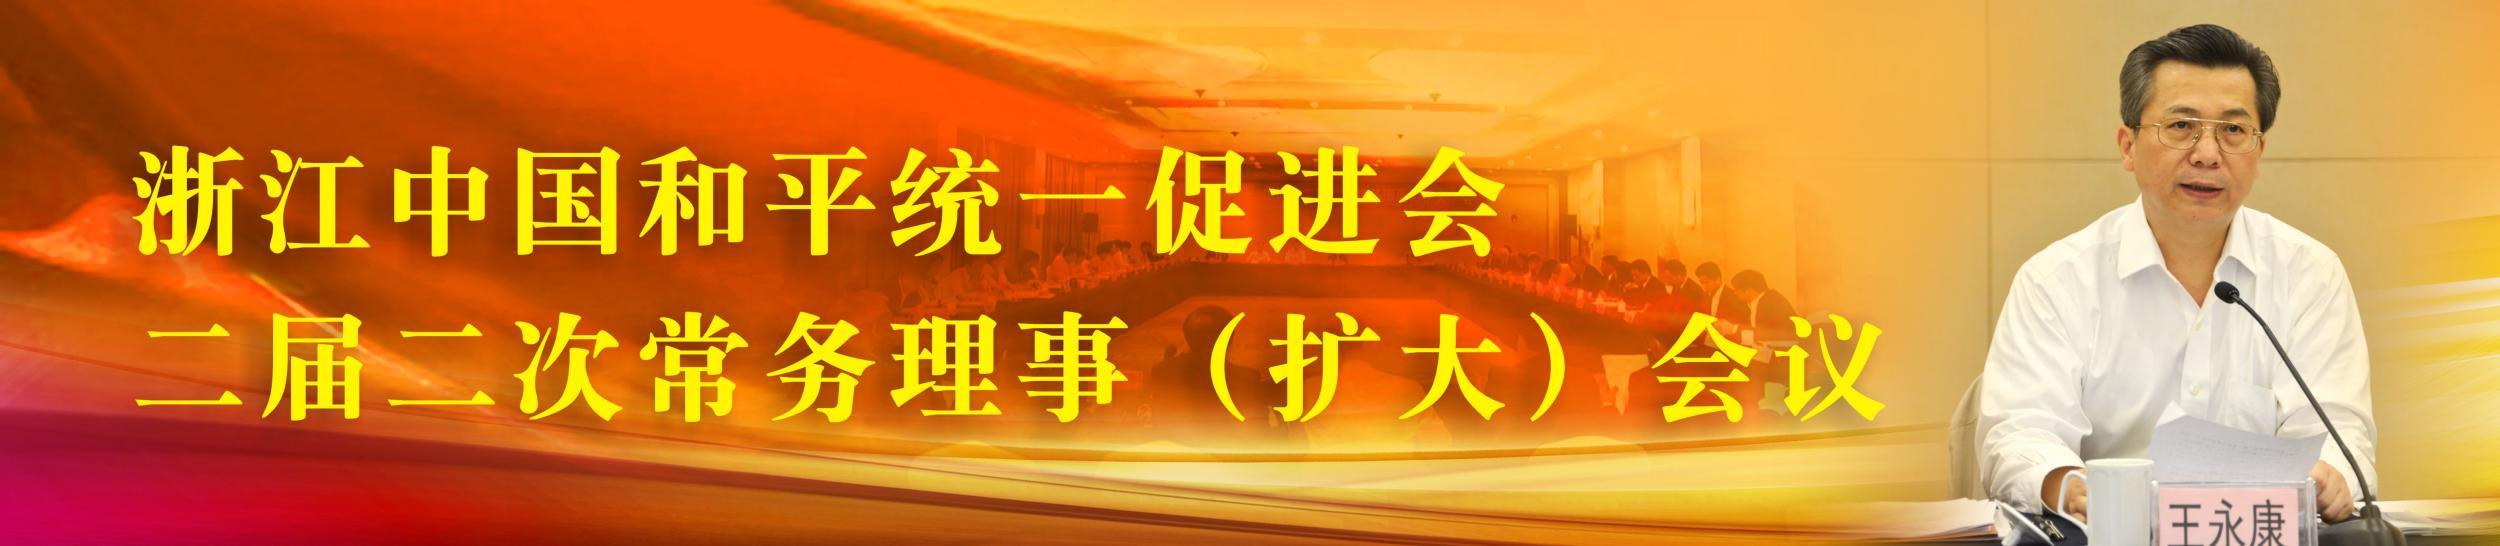 【2016.10.11】浙江统促会二届二次常务理事会召开 王永康出席并讲话